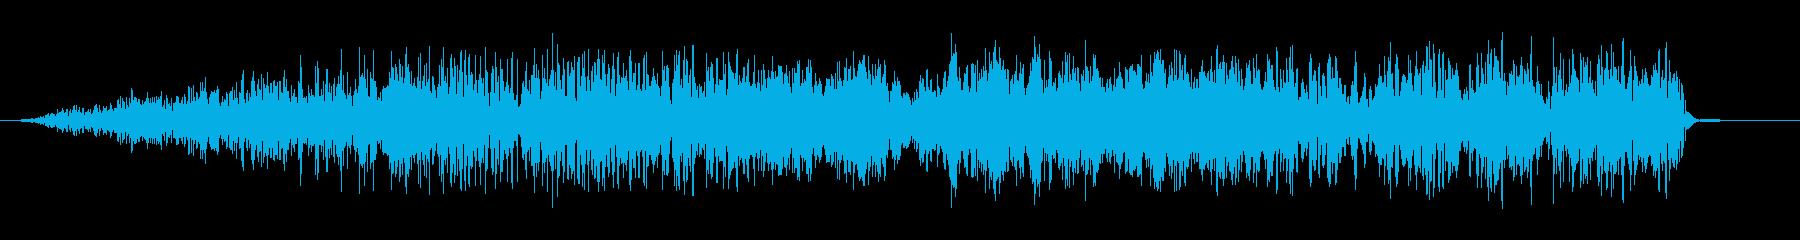 悪魔のような音声4の再生済みの波形